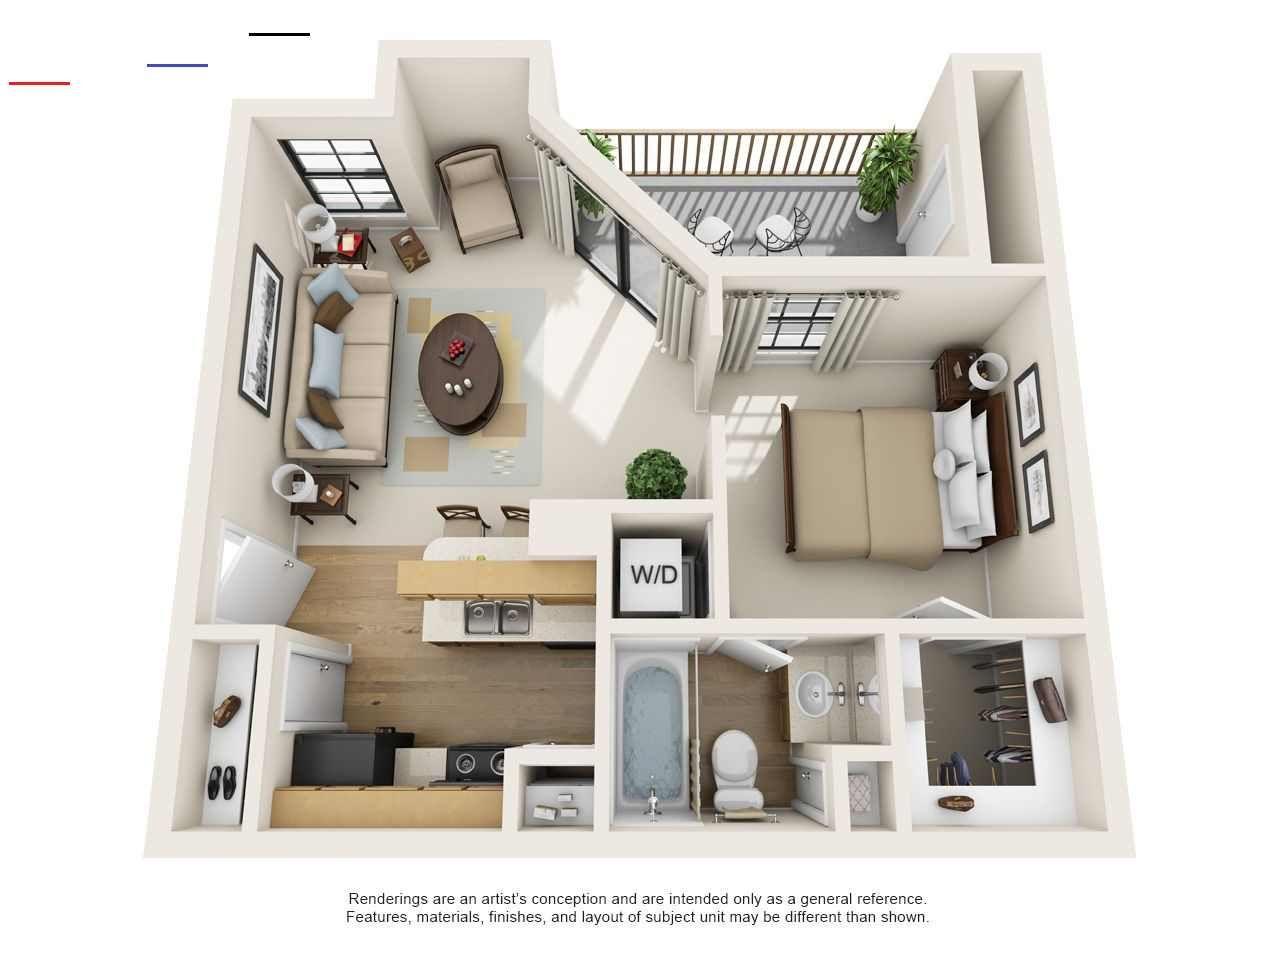 Apartmentfloorplans In 2020 Wohnungsgrundrisse Sims Haus Kleine Hausplane